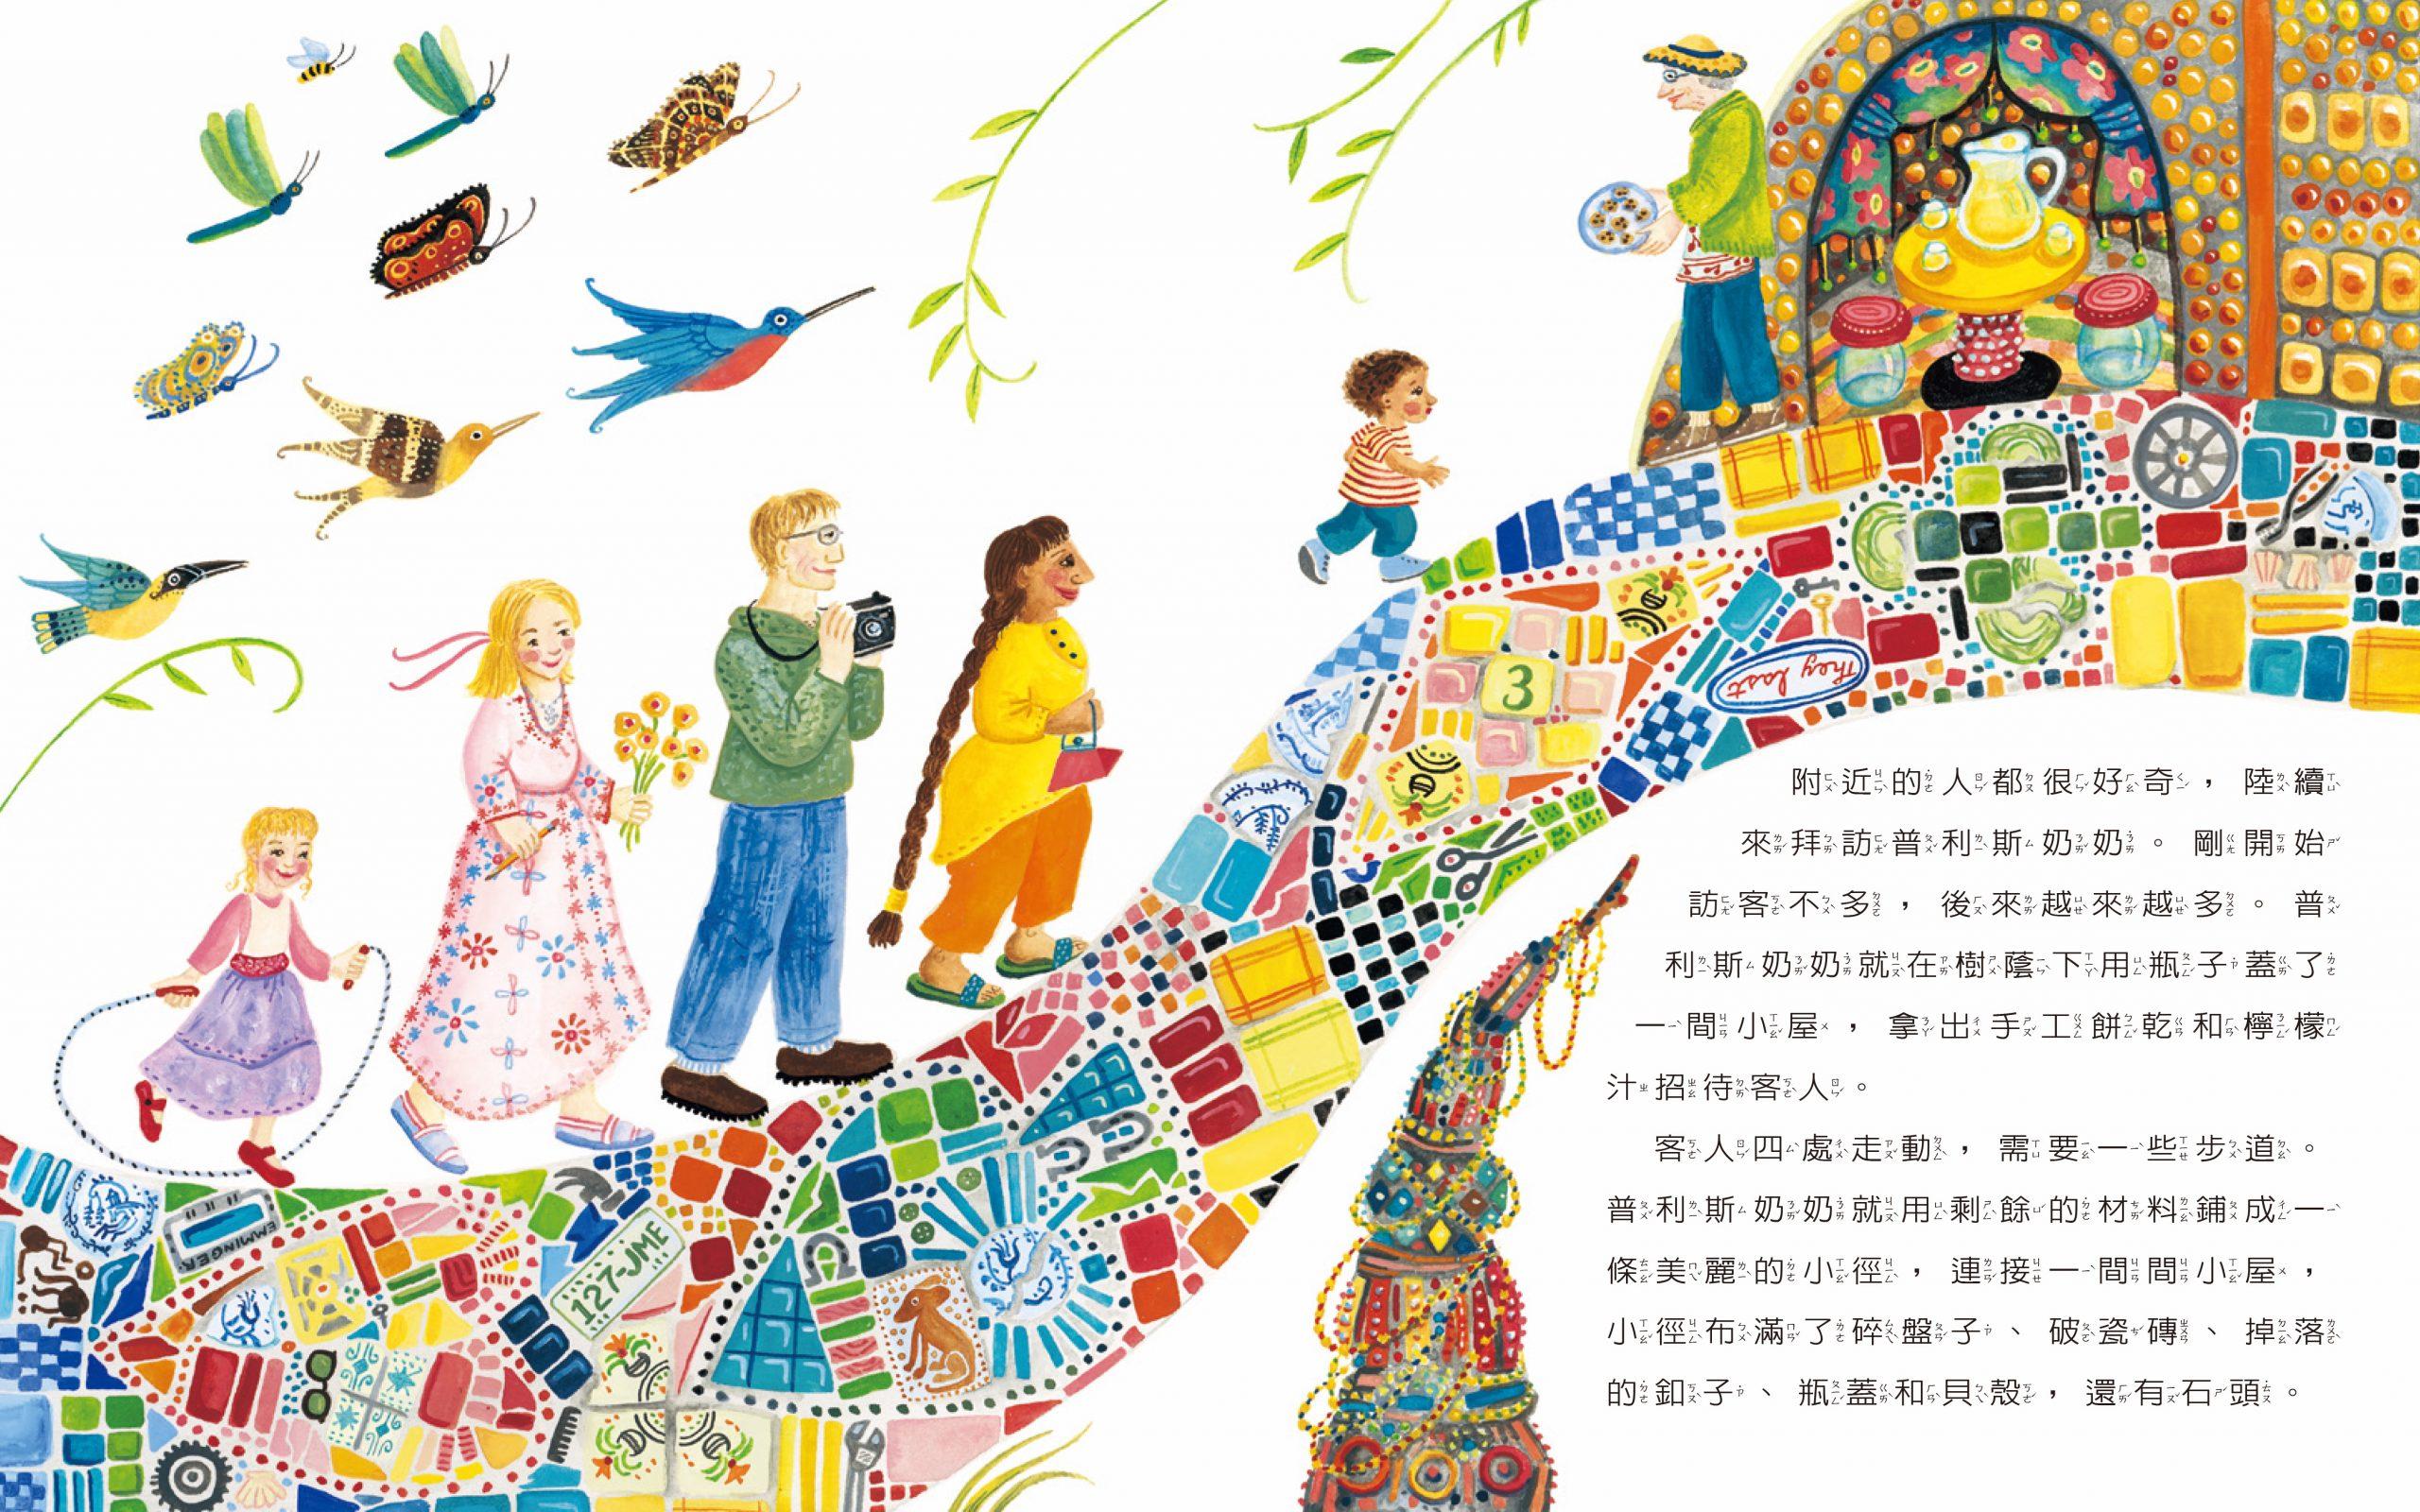 後青春繪本館 熟齡繪本精彩無限,出版社達人來推薦系列六:擁抱每個階段的新樣貌